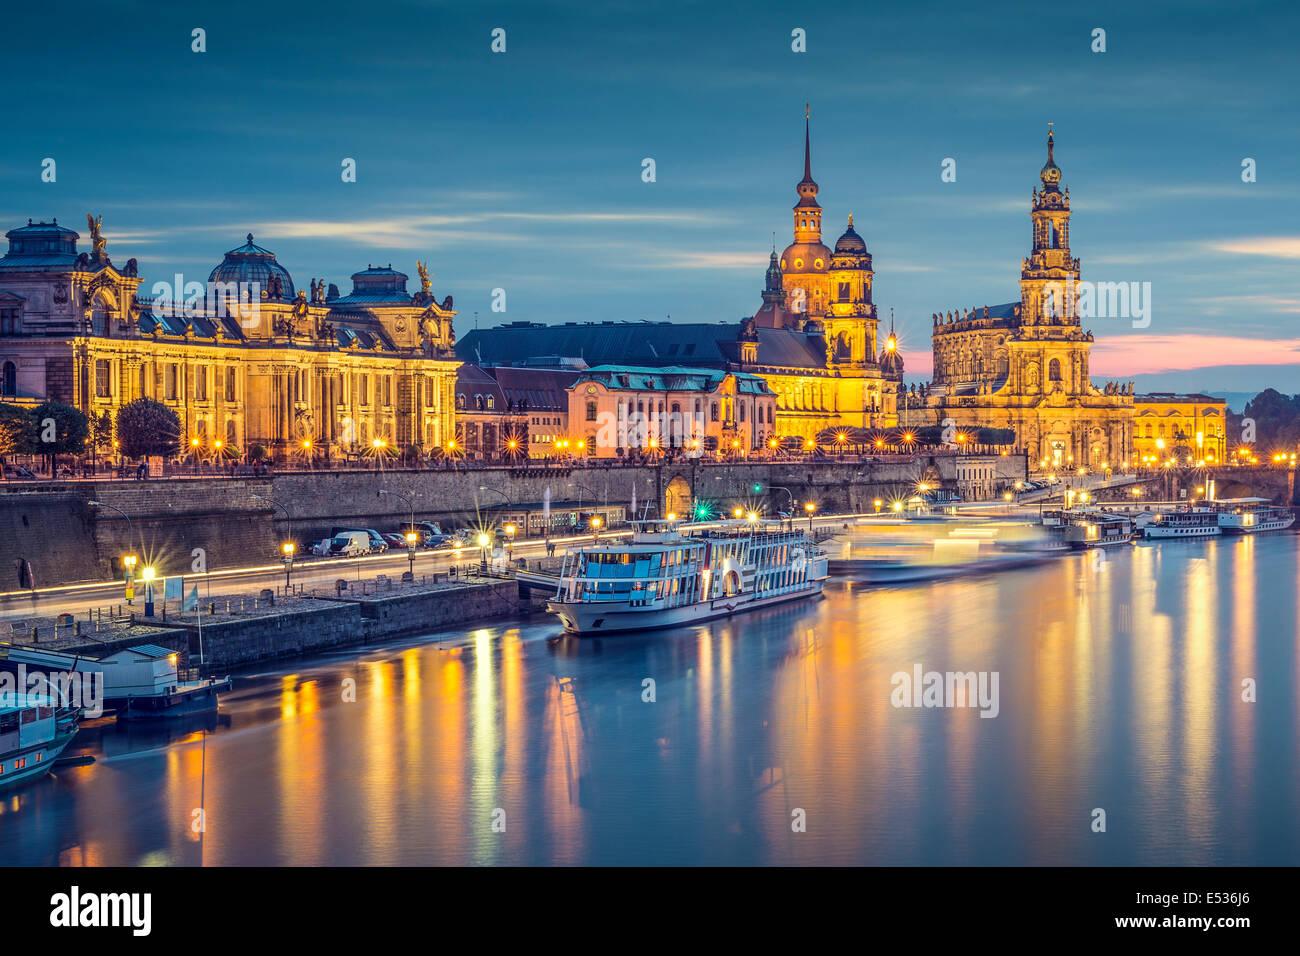 Dresde, Allemagne cityscape, sur l'Elbe. Photo Stock